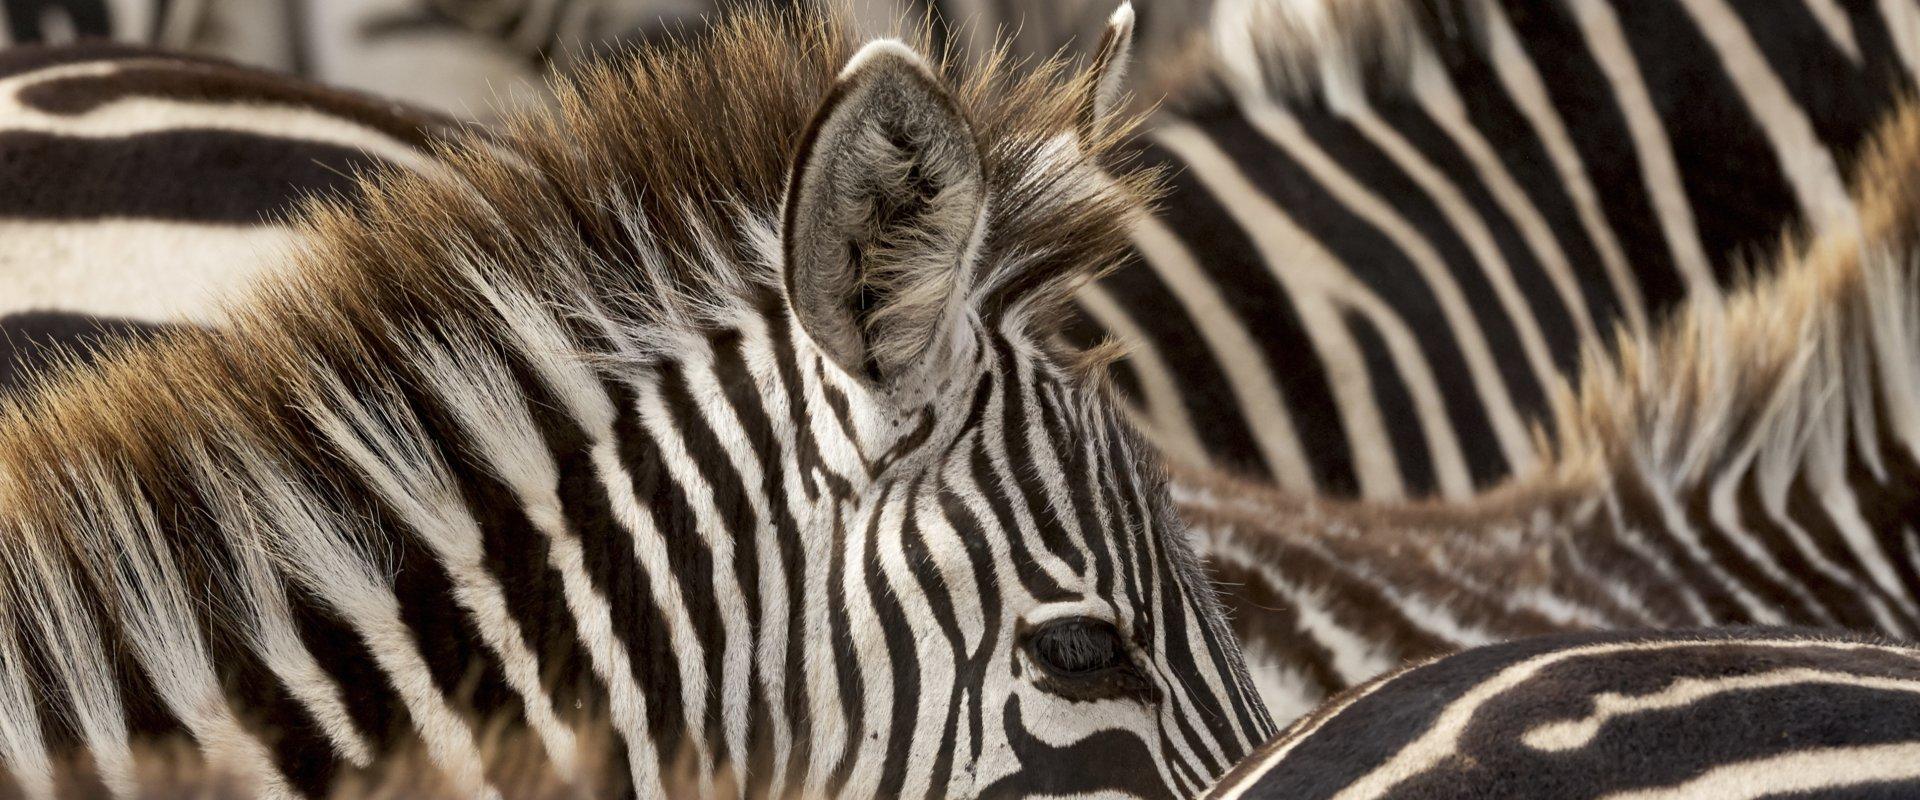 Voyage en Afrique - zèbres